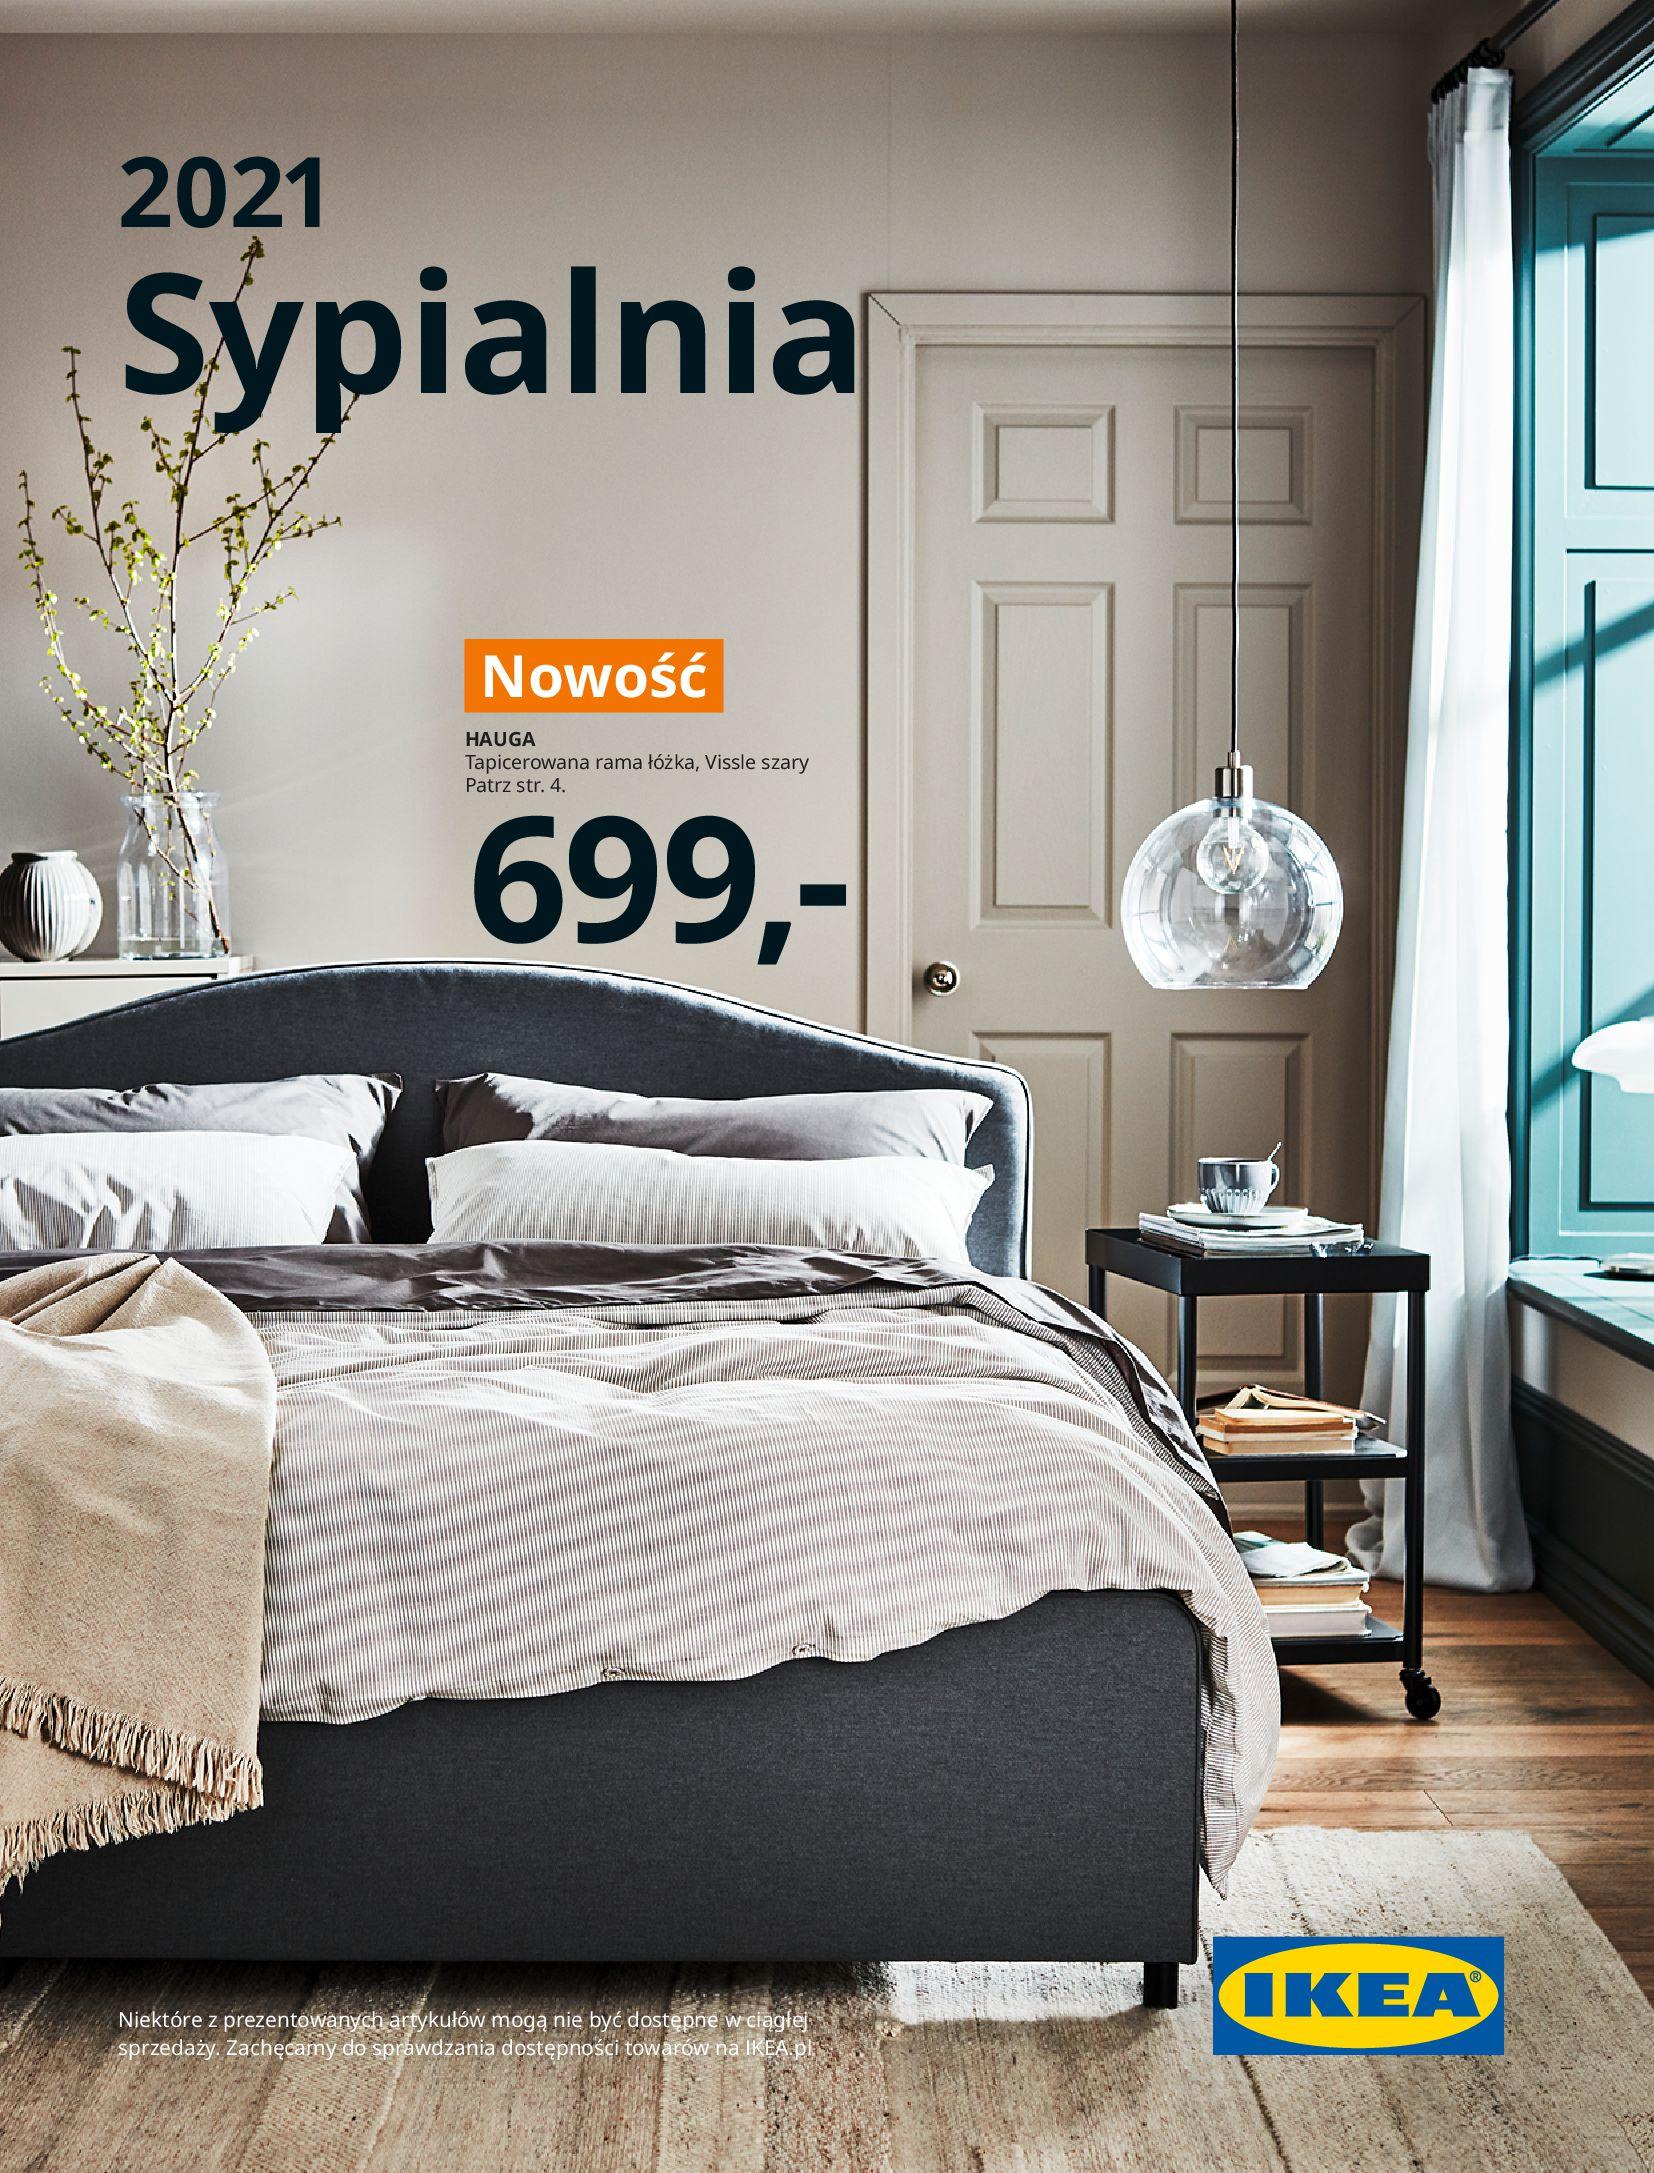 IKEA:  SYPIALNIA 2021 12.01.2021